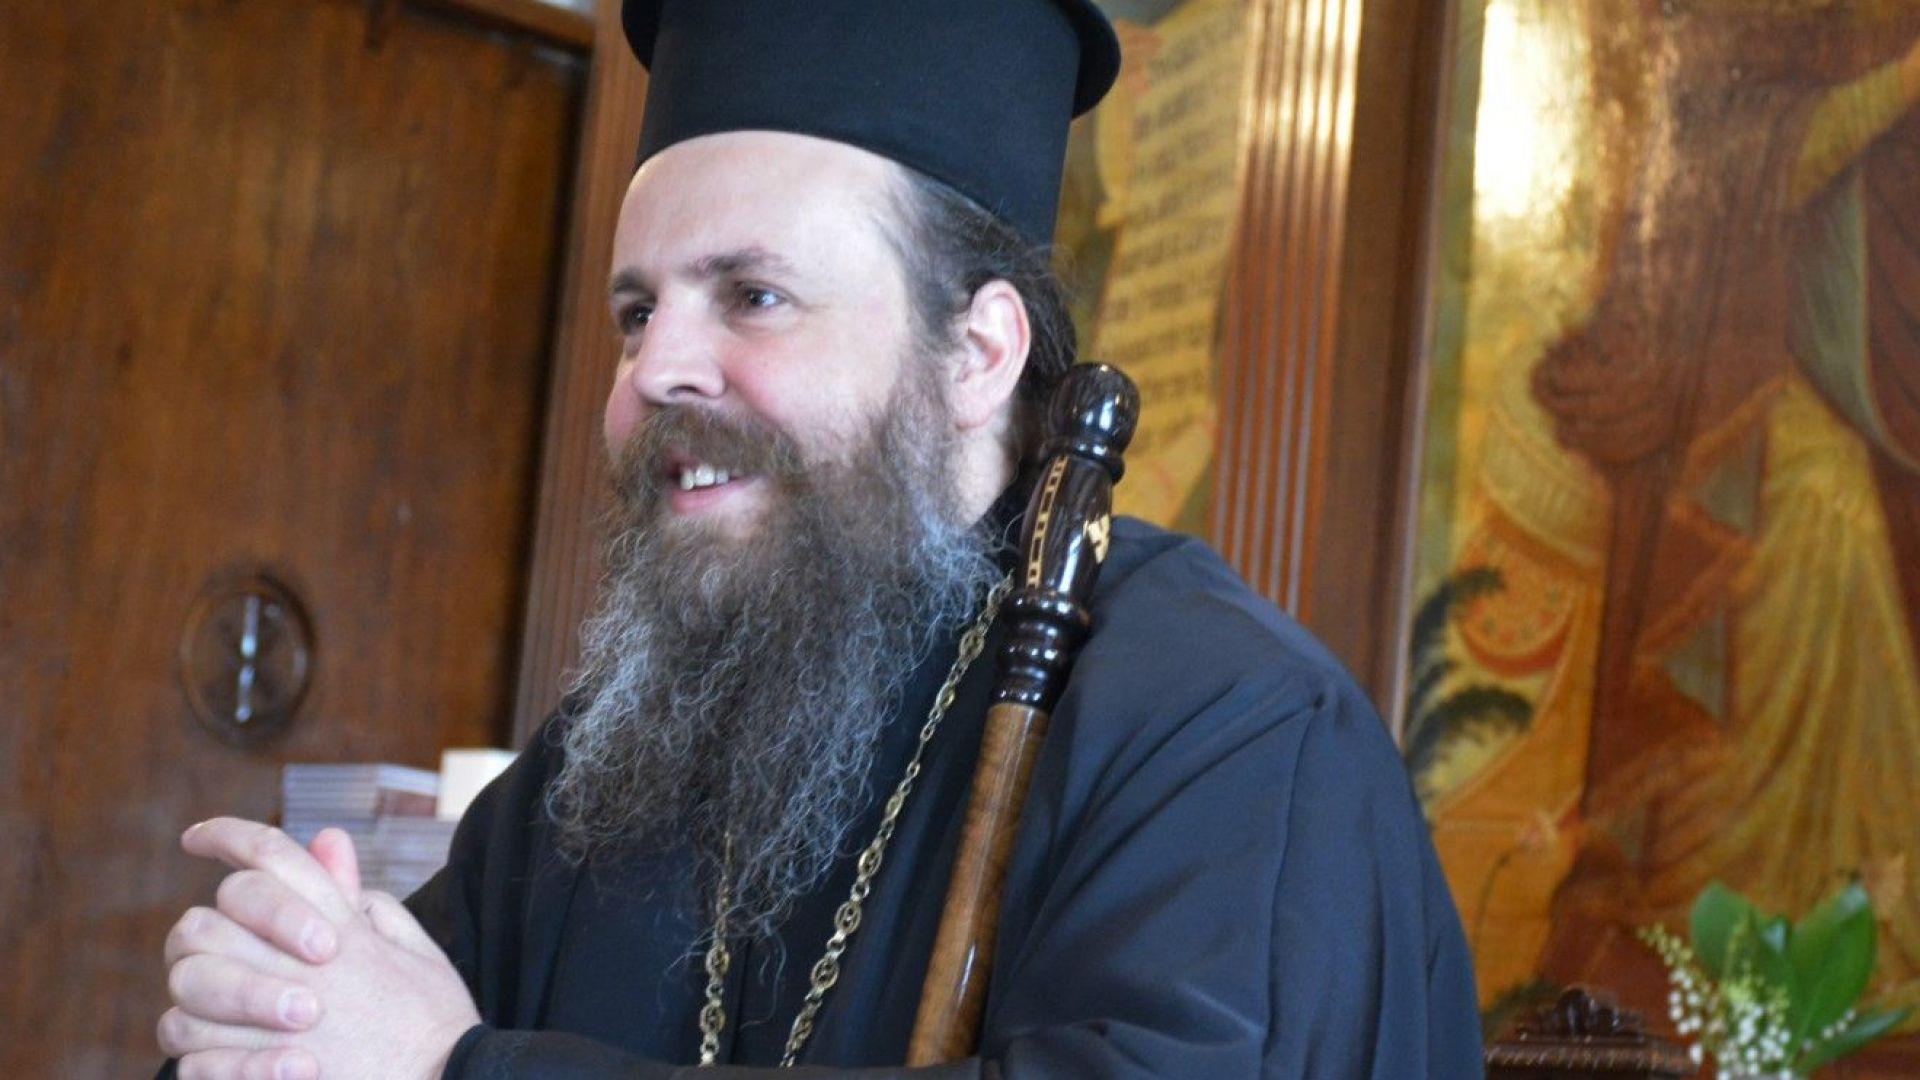 След бунта на миряни в Петрич свещеници подозират, че духът на разкола е още жив